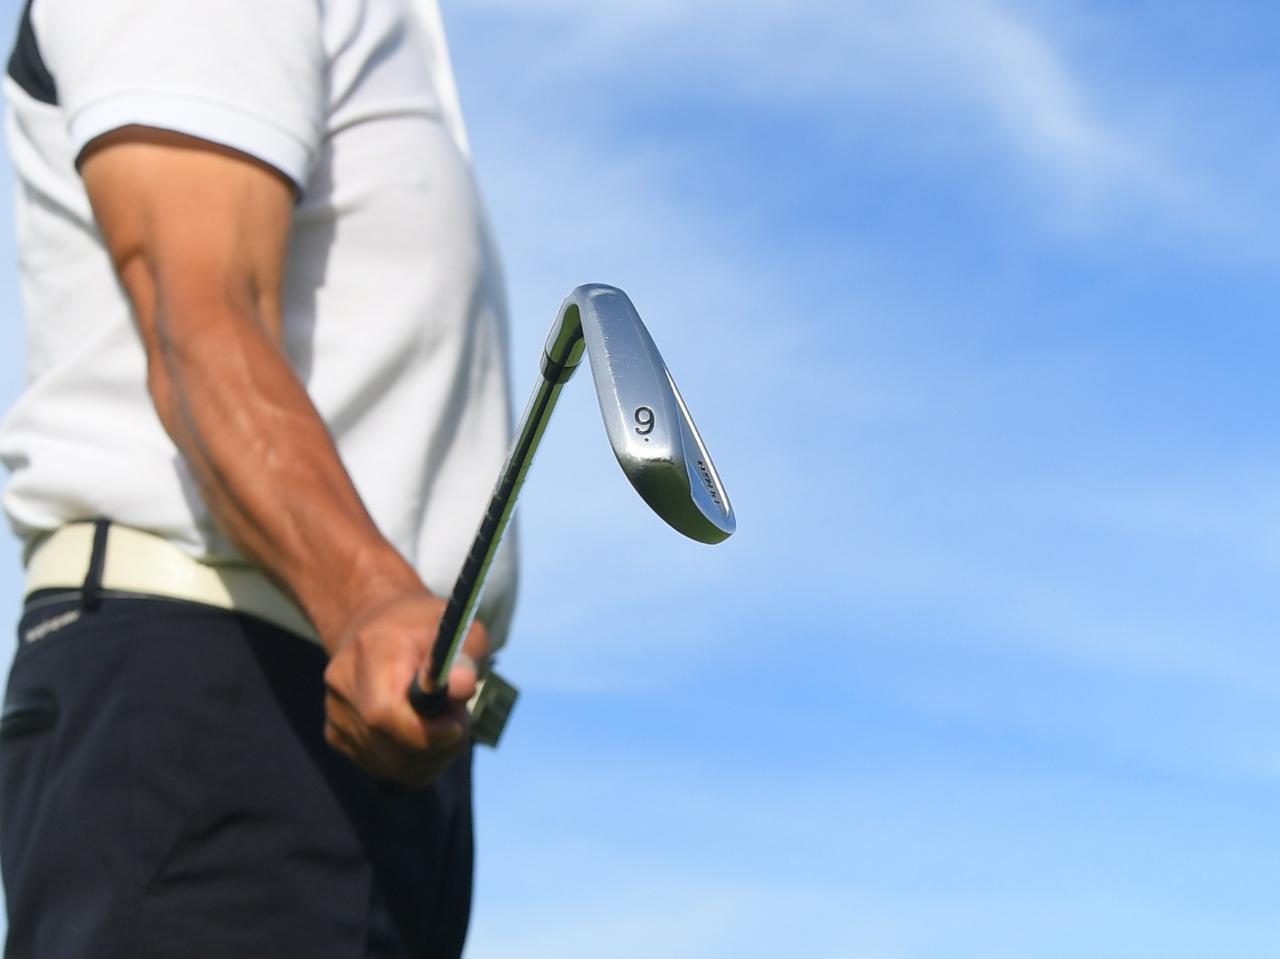 画像: 夏ゴルフに9Iは鬼に金棒。9Iは適度なロフトがあるため、ボールをつかまえやすい。つまり方向性がいい。ミスの少ないクラブこそ最強の武器にふさわしい